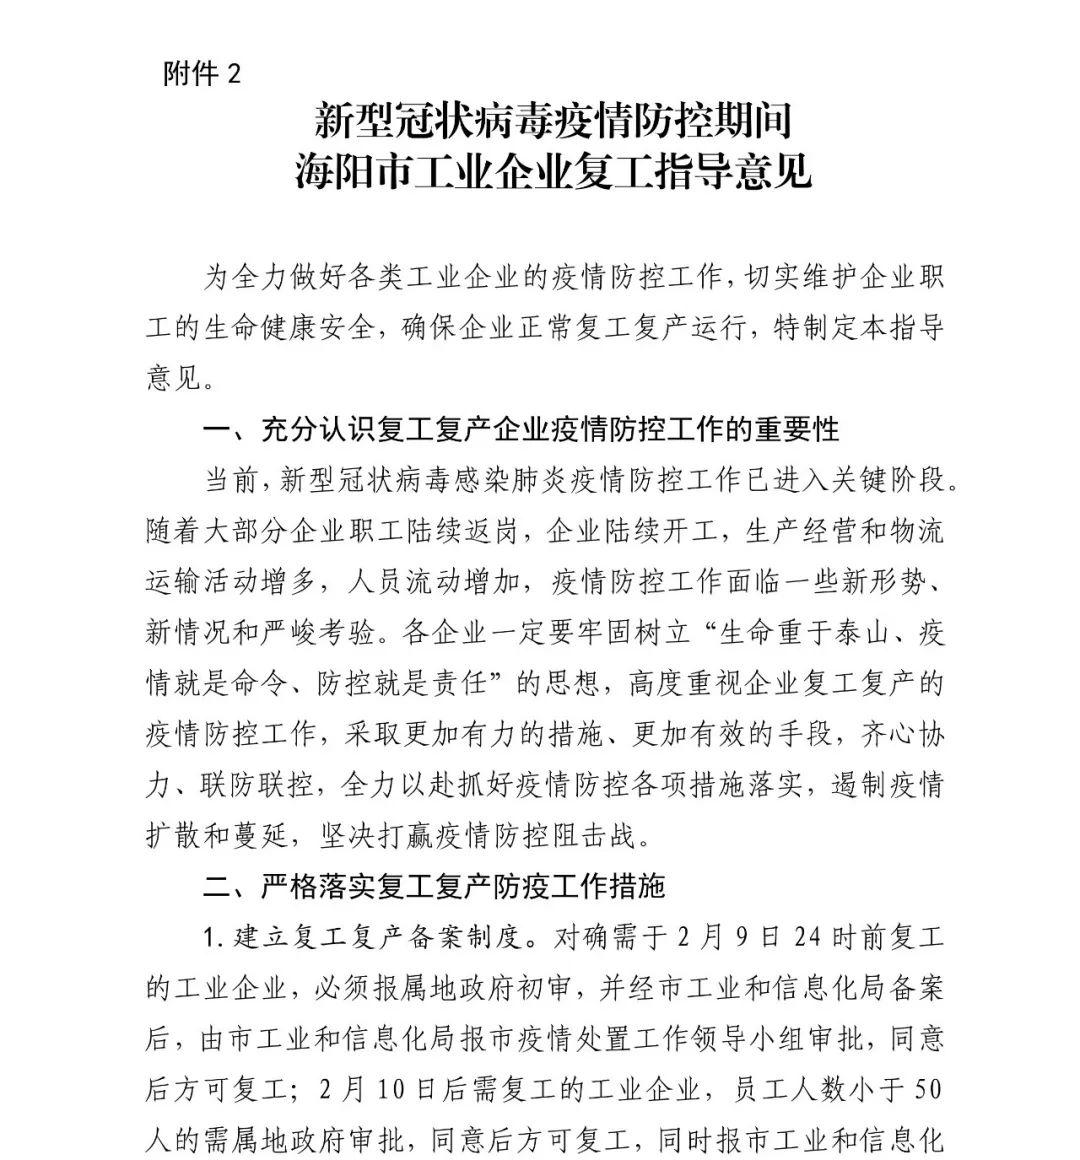 海阳市关于加快恢复经济社会运行秩序的通告